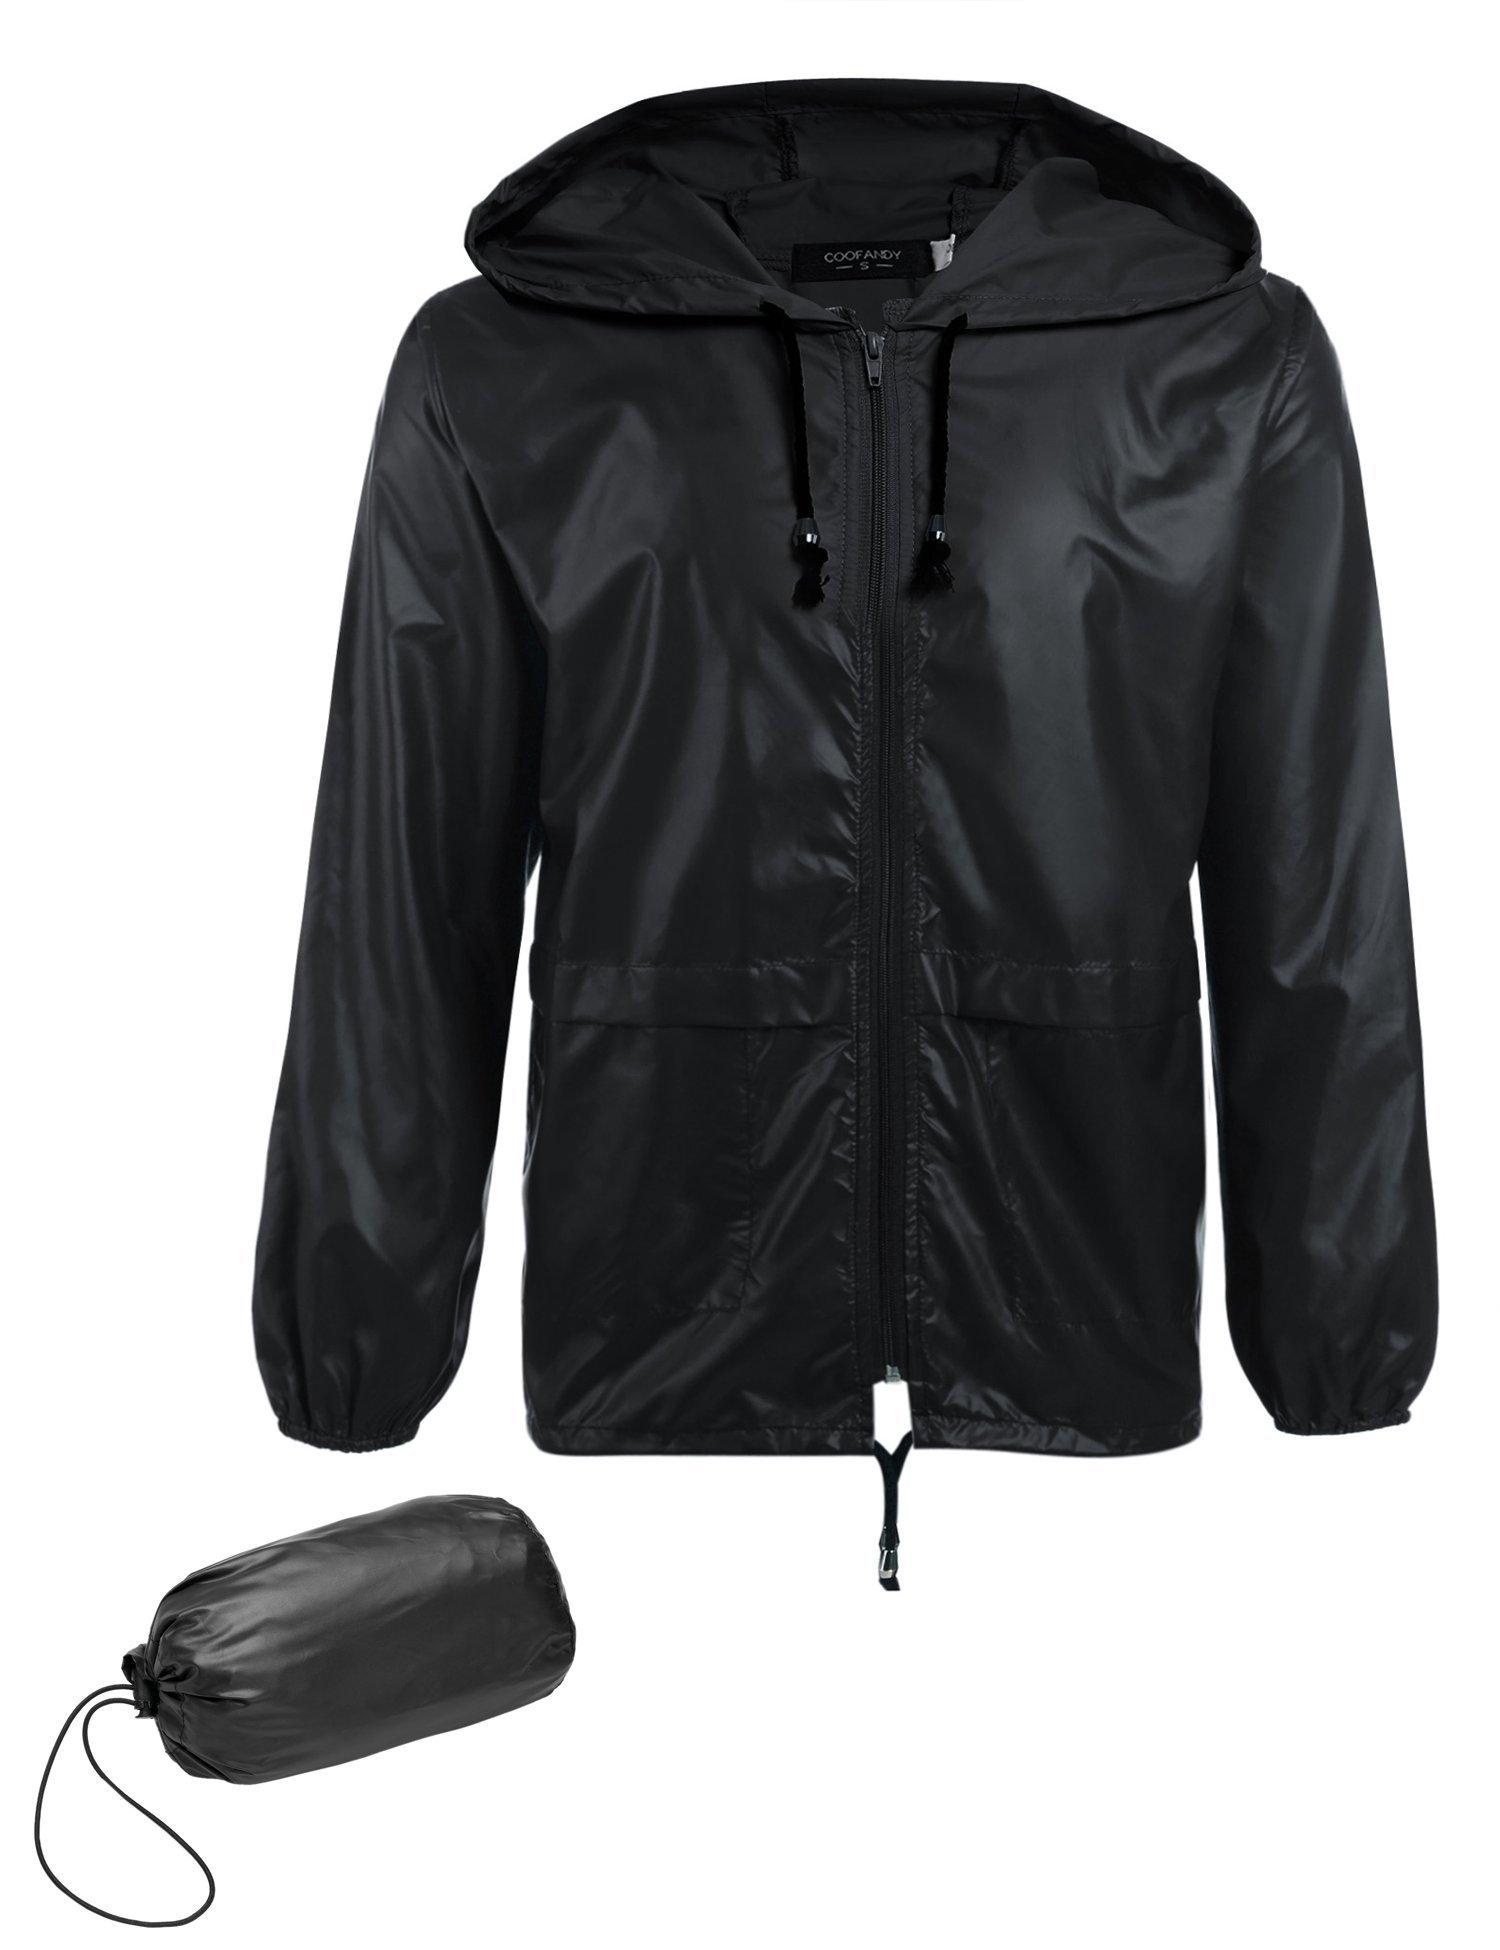 COOFANDY Packable Waterproof Lightweight Raincoat